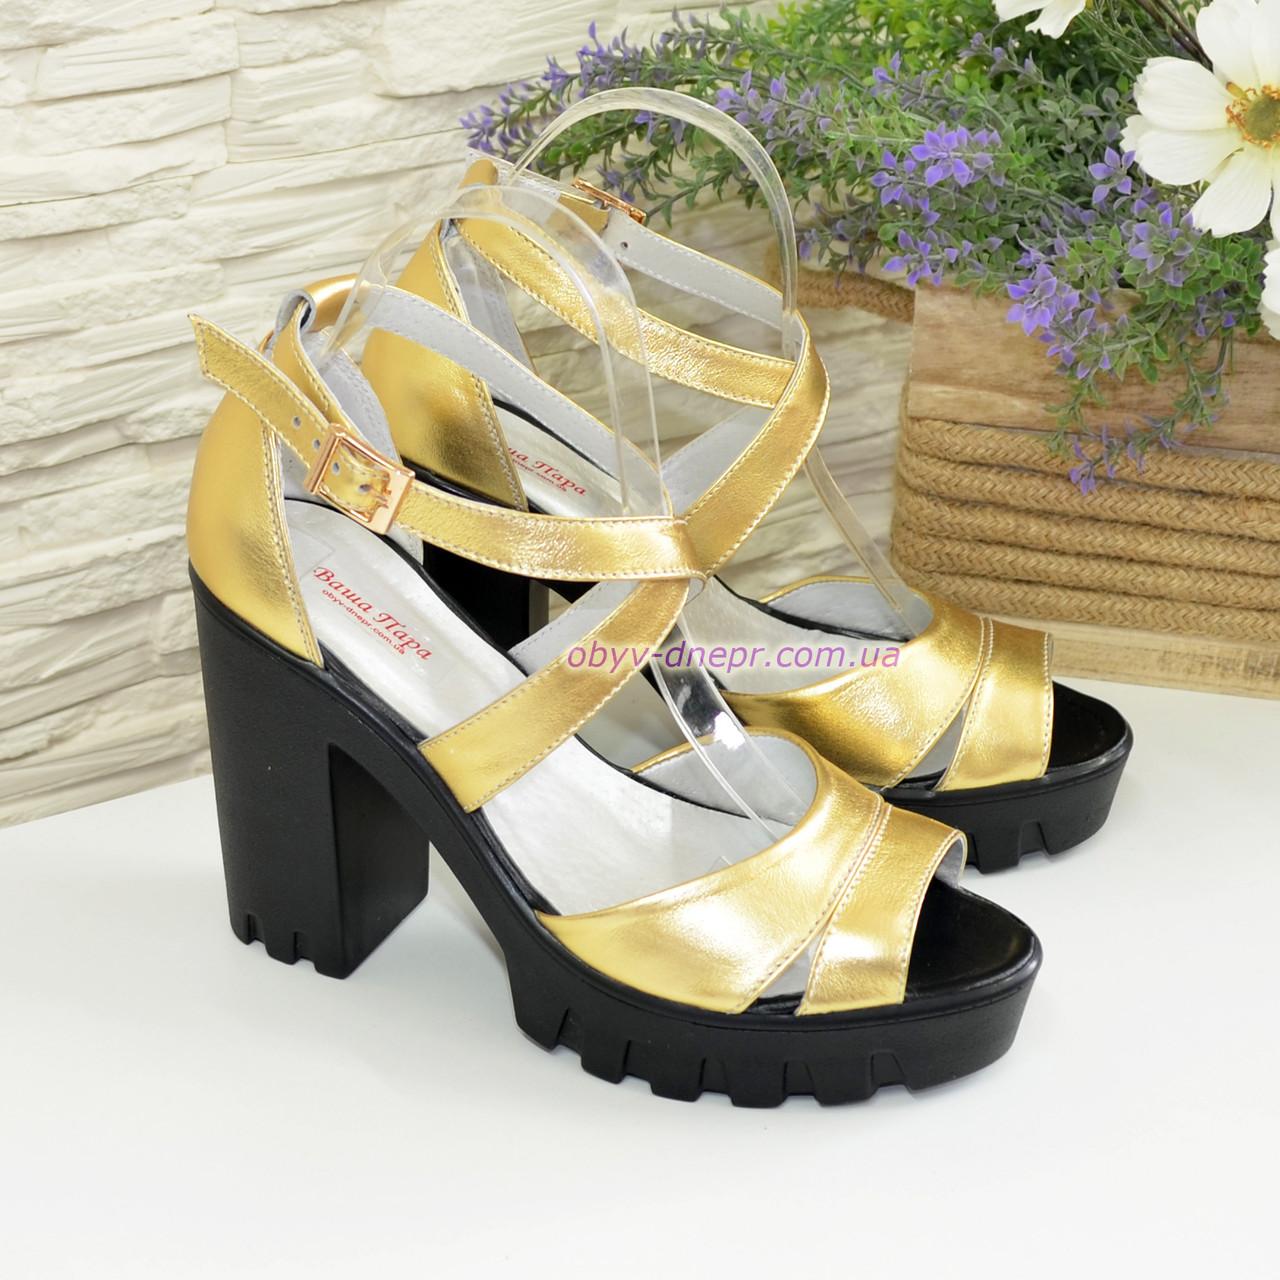 d646d5f20b6b Босоножки женские на высоком каблуке, из натуральной кожи золотого цвета